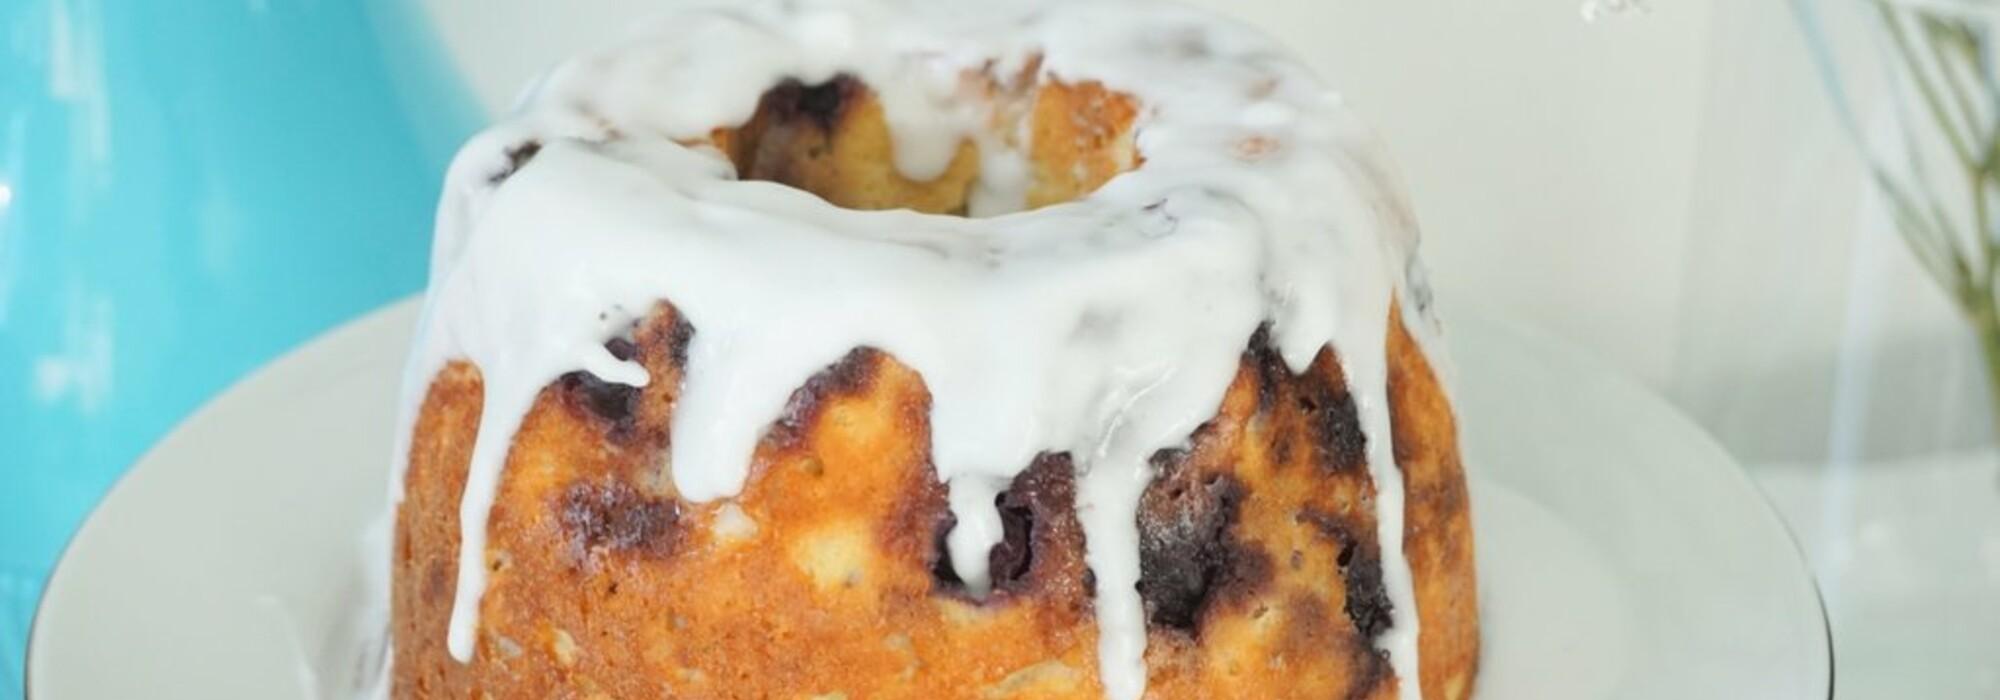 Koolhydraatarme en suikervrije blauwe bessen cake